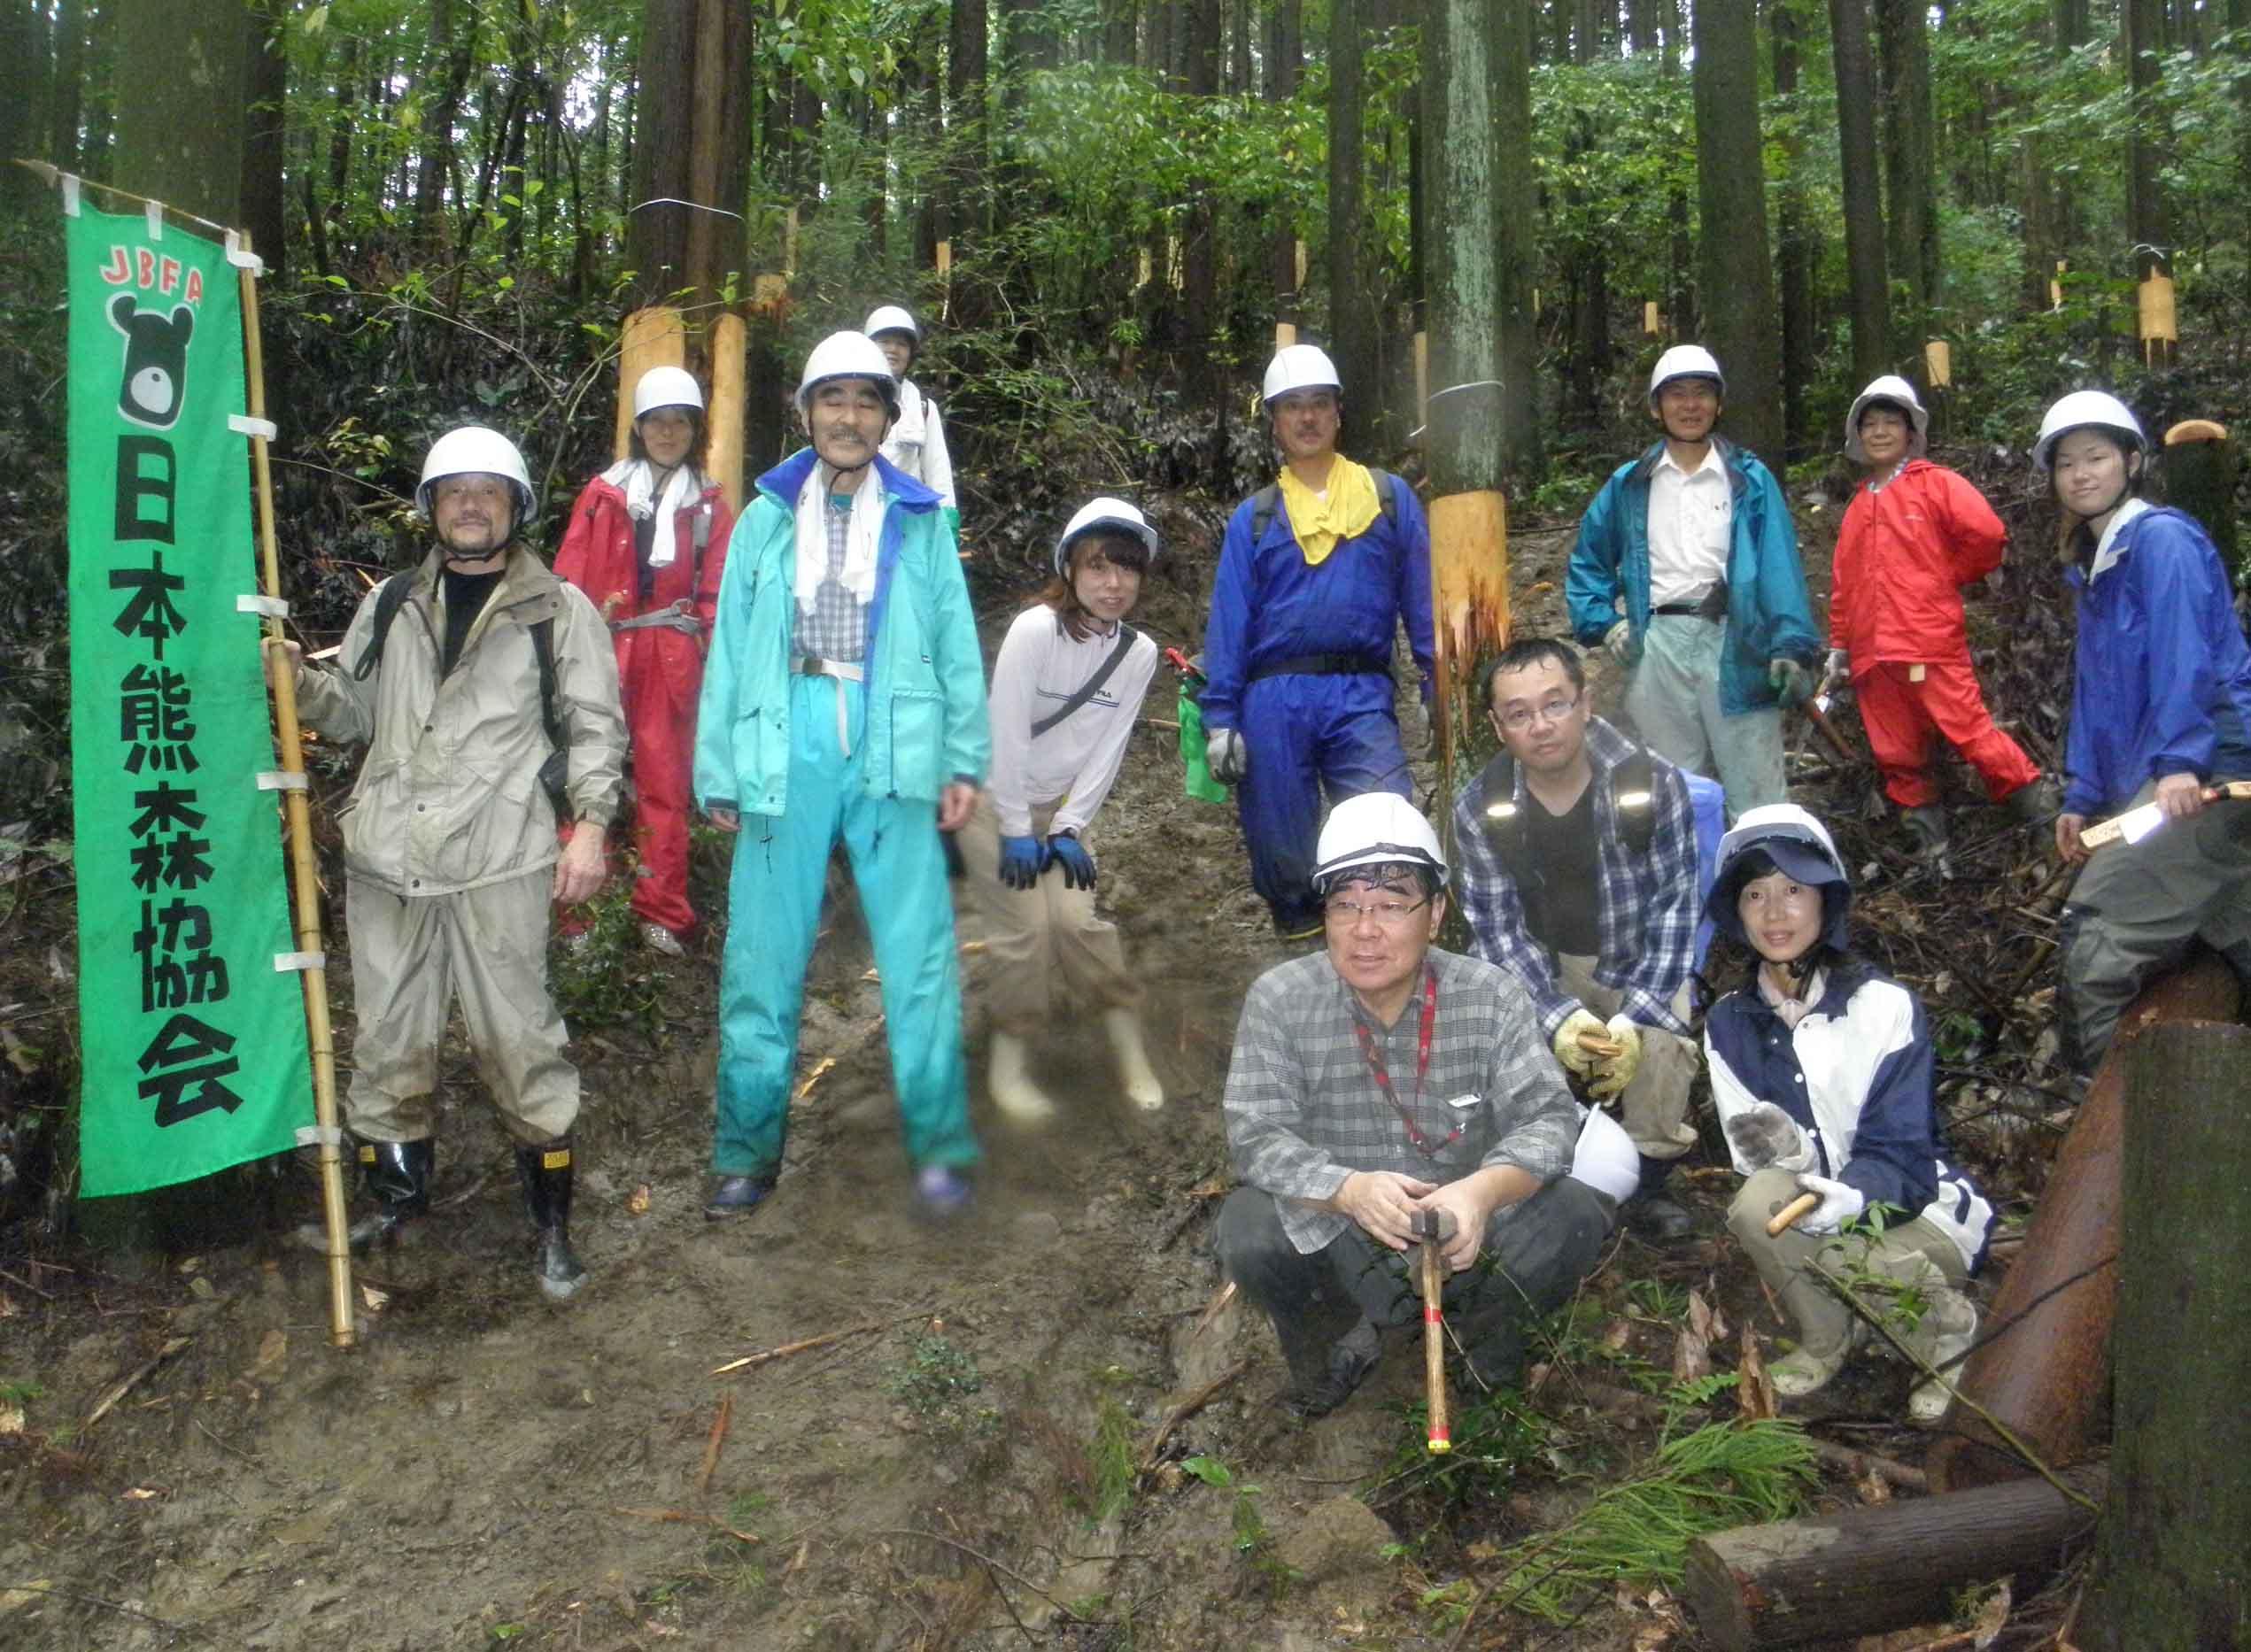 2011年09月 日本熊森協会 福岡県 ...